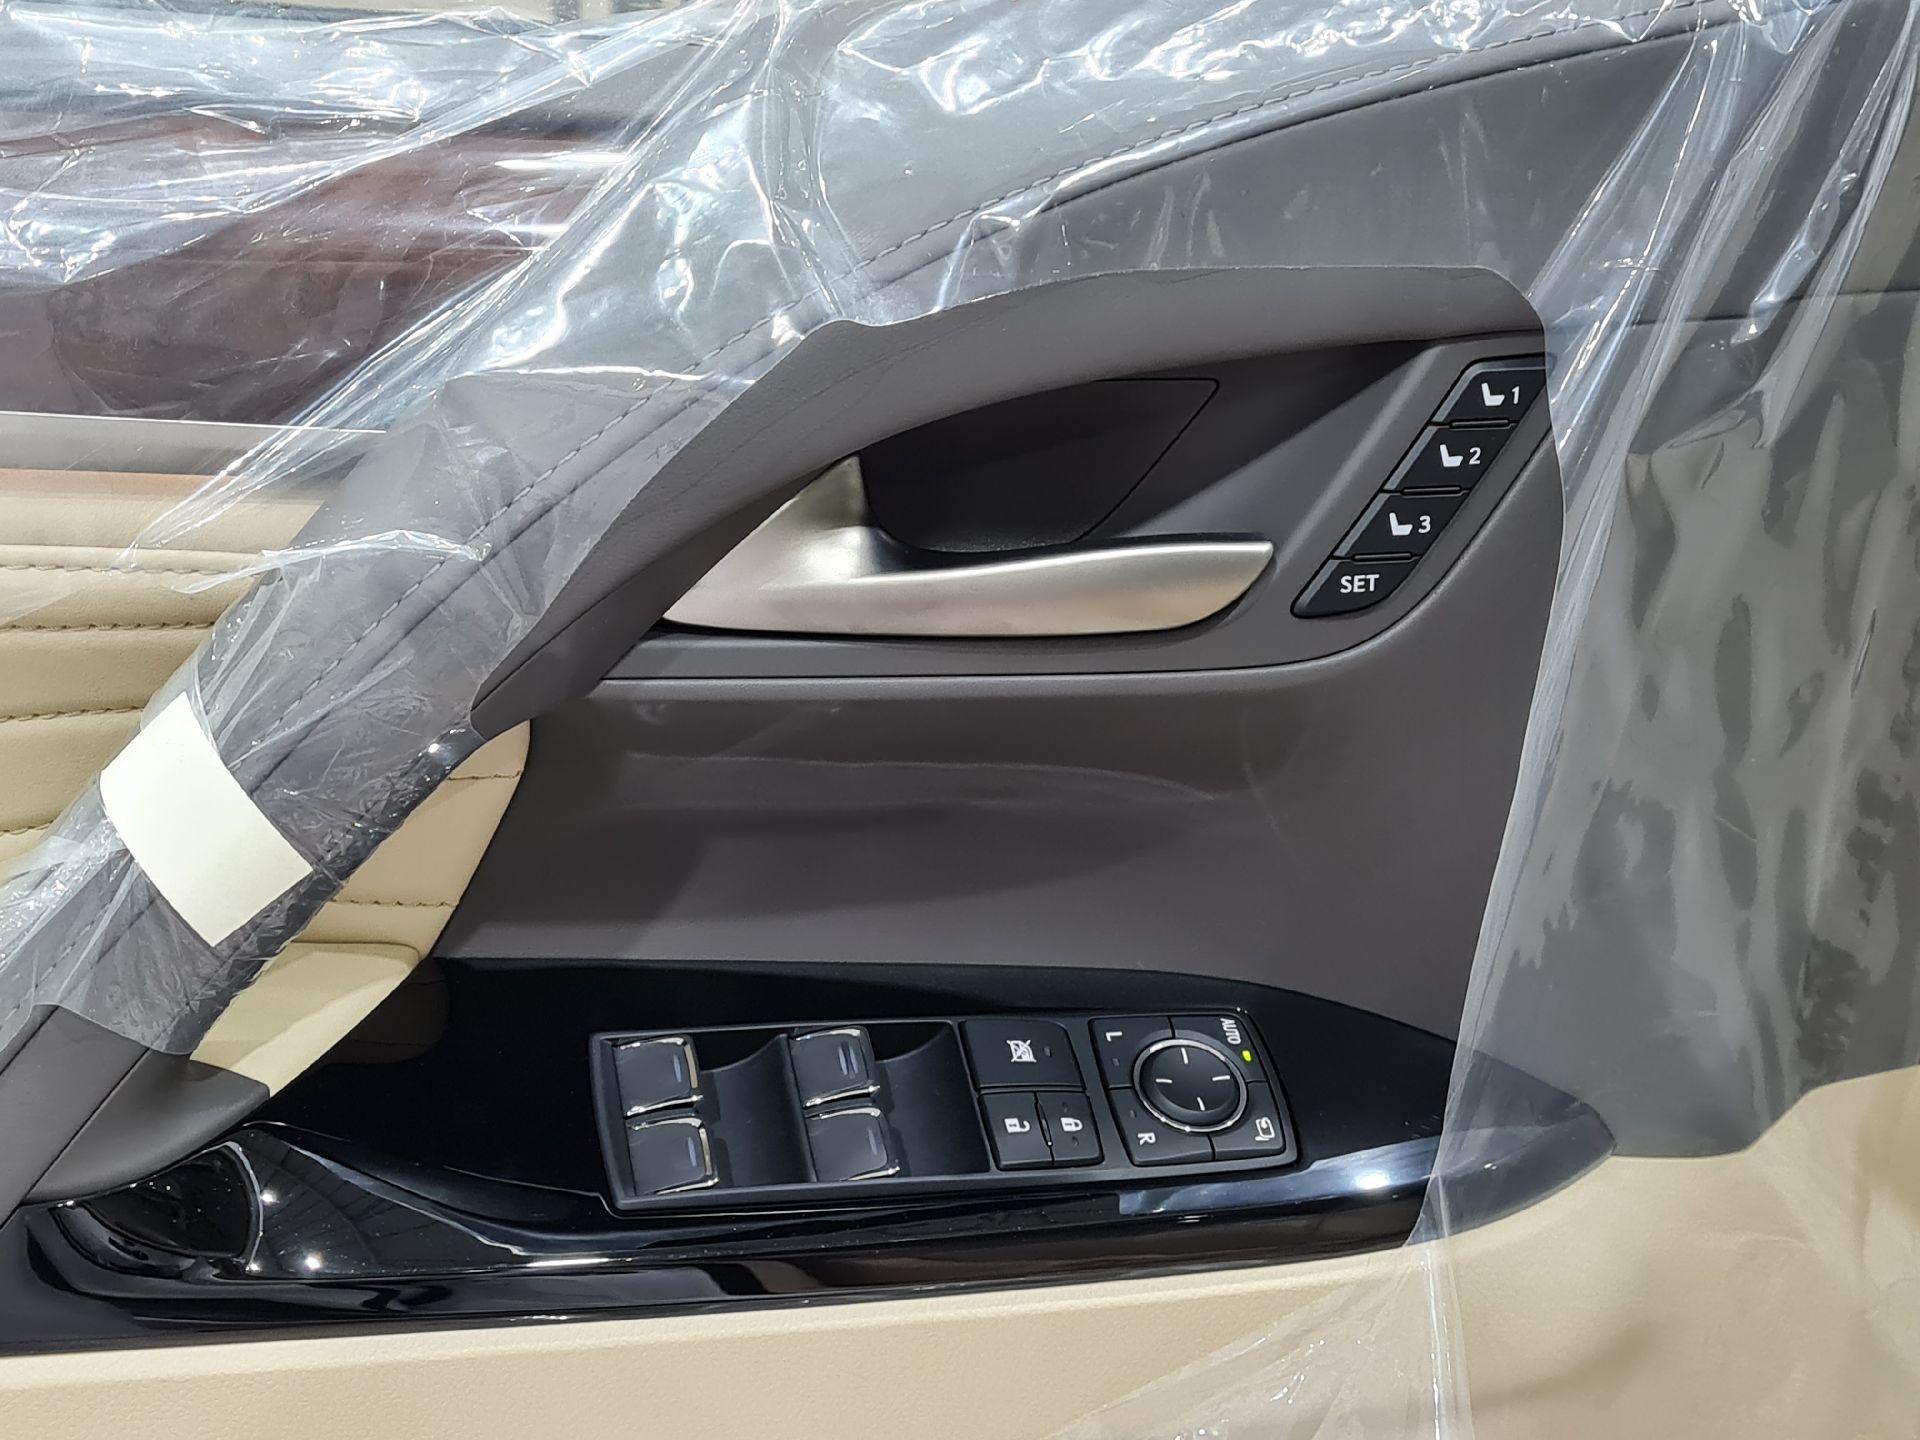 لكزس LX 570 Black Ed. 2021 فل خليجي للبيع في الرياض - السعودية - صورة كبيرة - 13